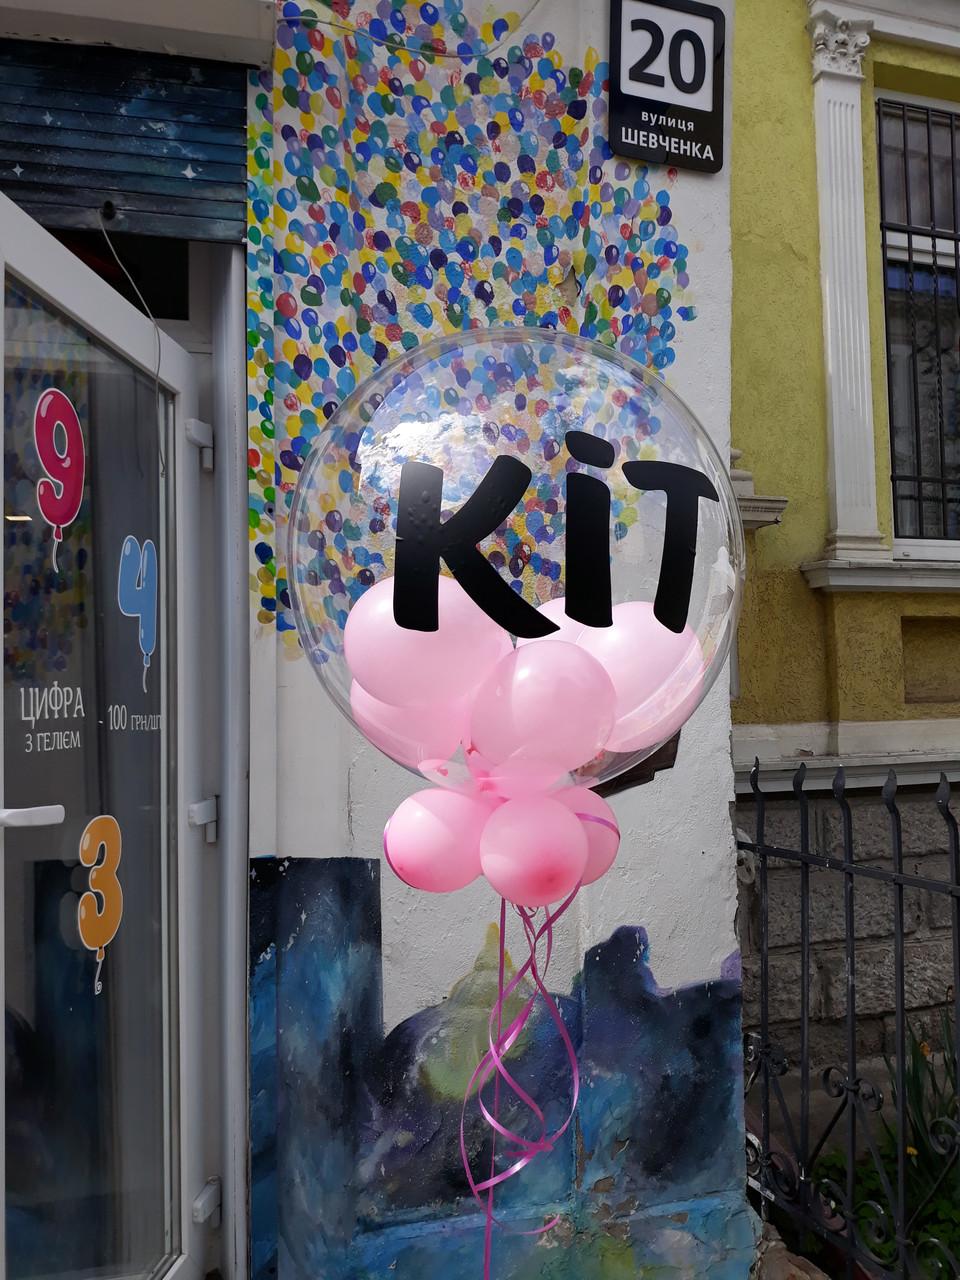 Прозора кулька баблс з кульками та індивідуальним надписом